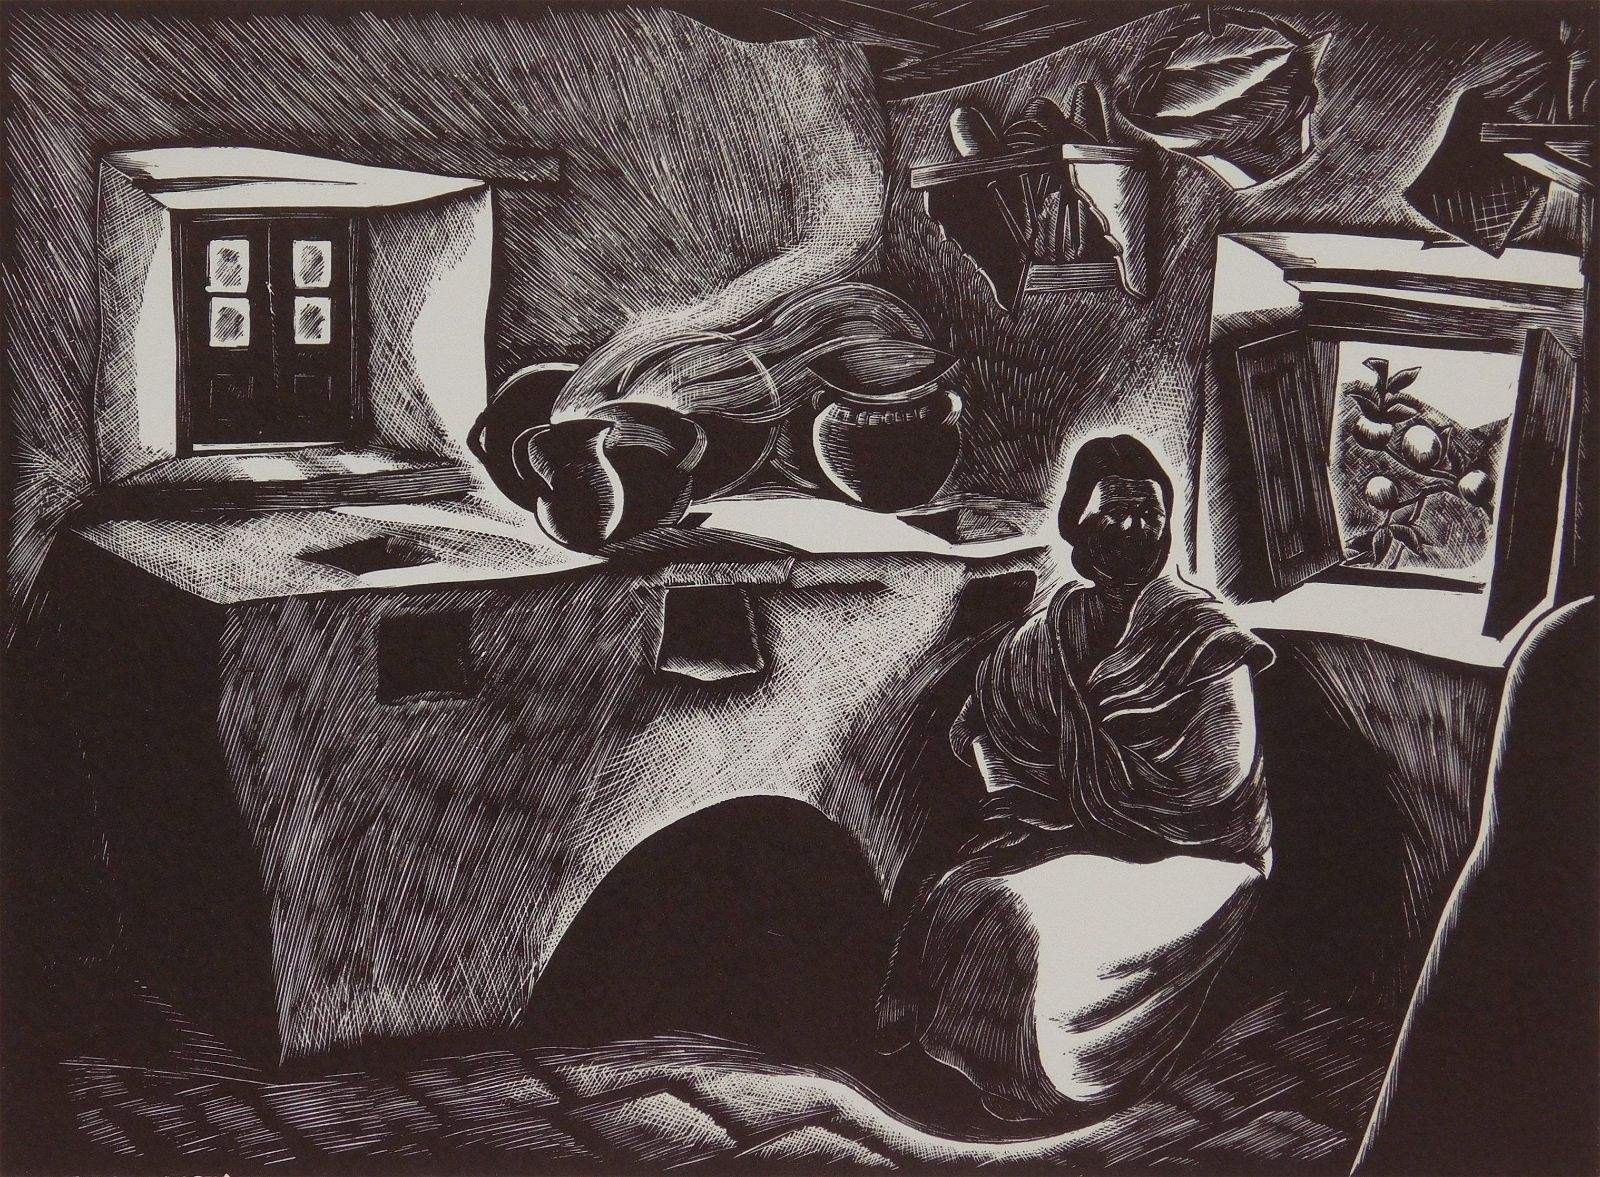 Barbara Latham wood engraving